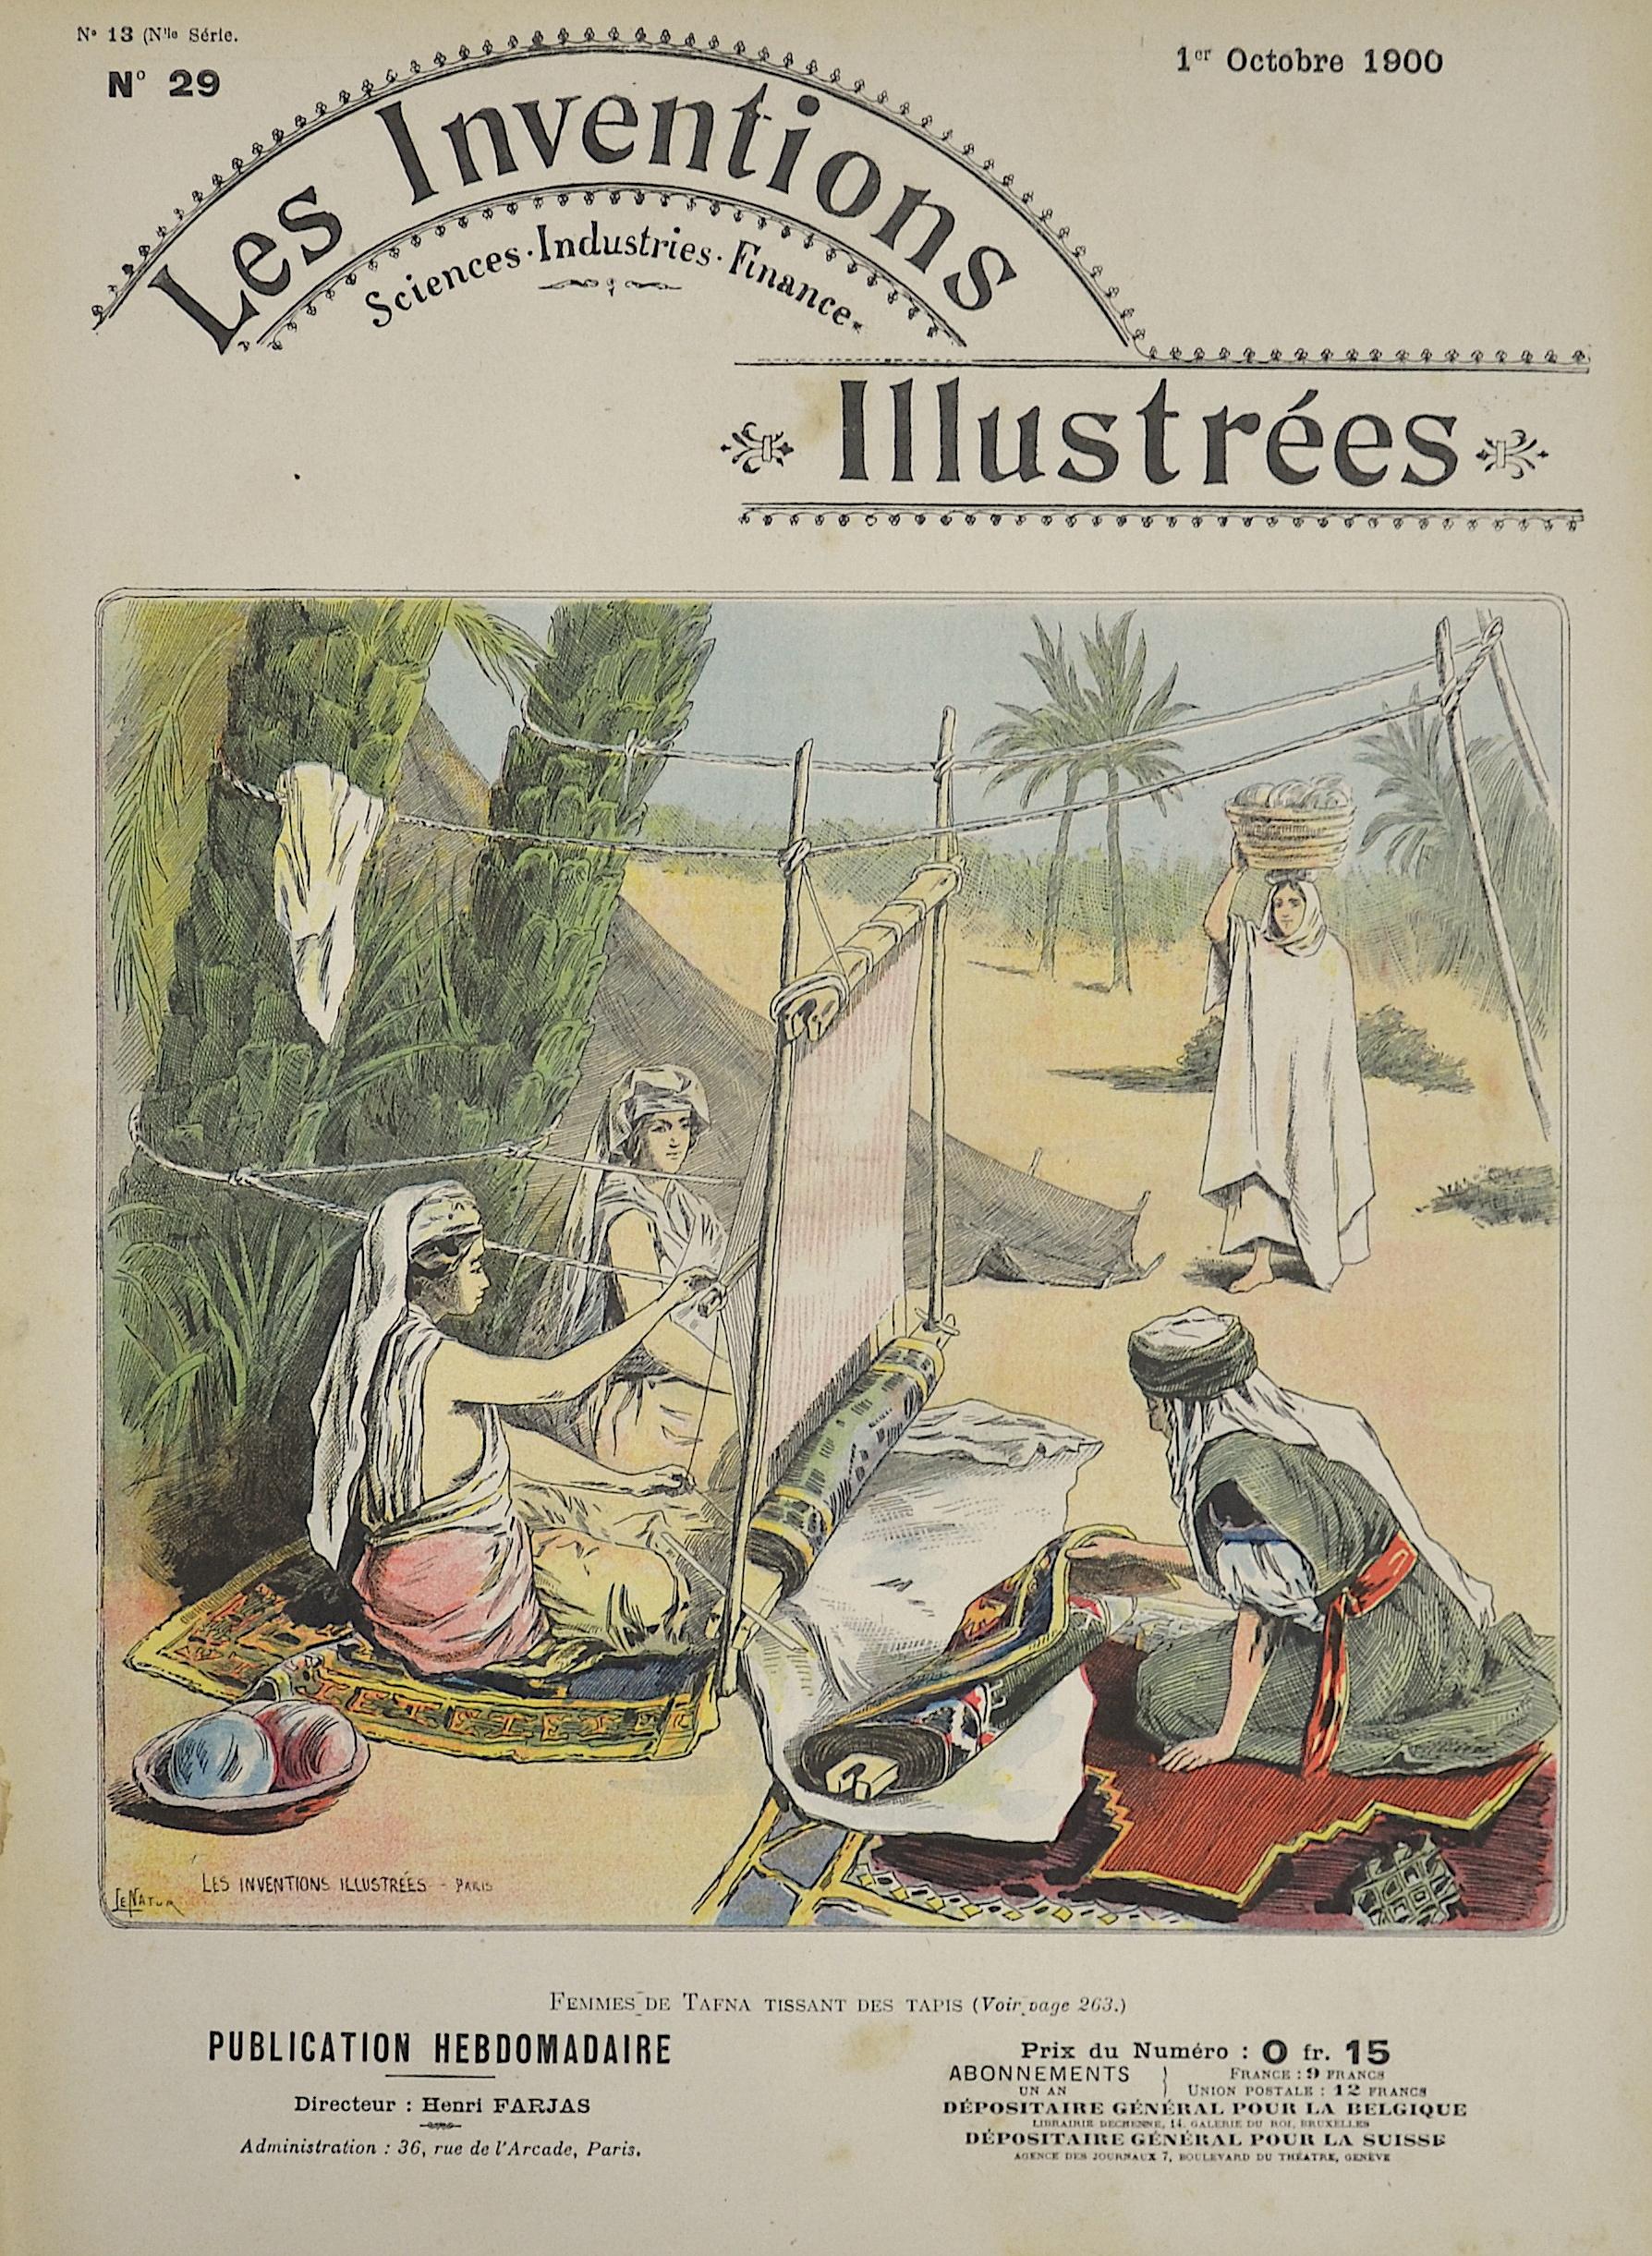 Brunet E. Les Inventions Illustrées / Femmes de Tafna Tissant des Tapis